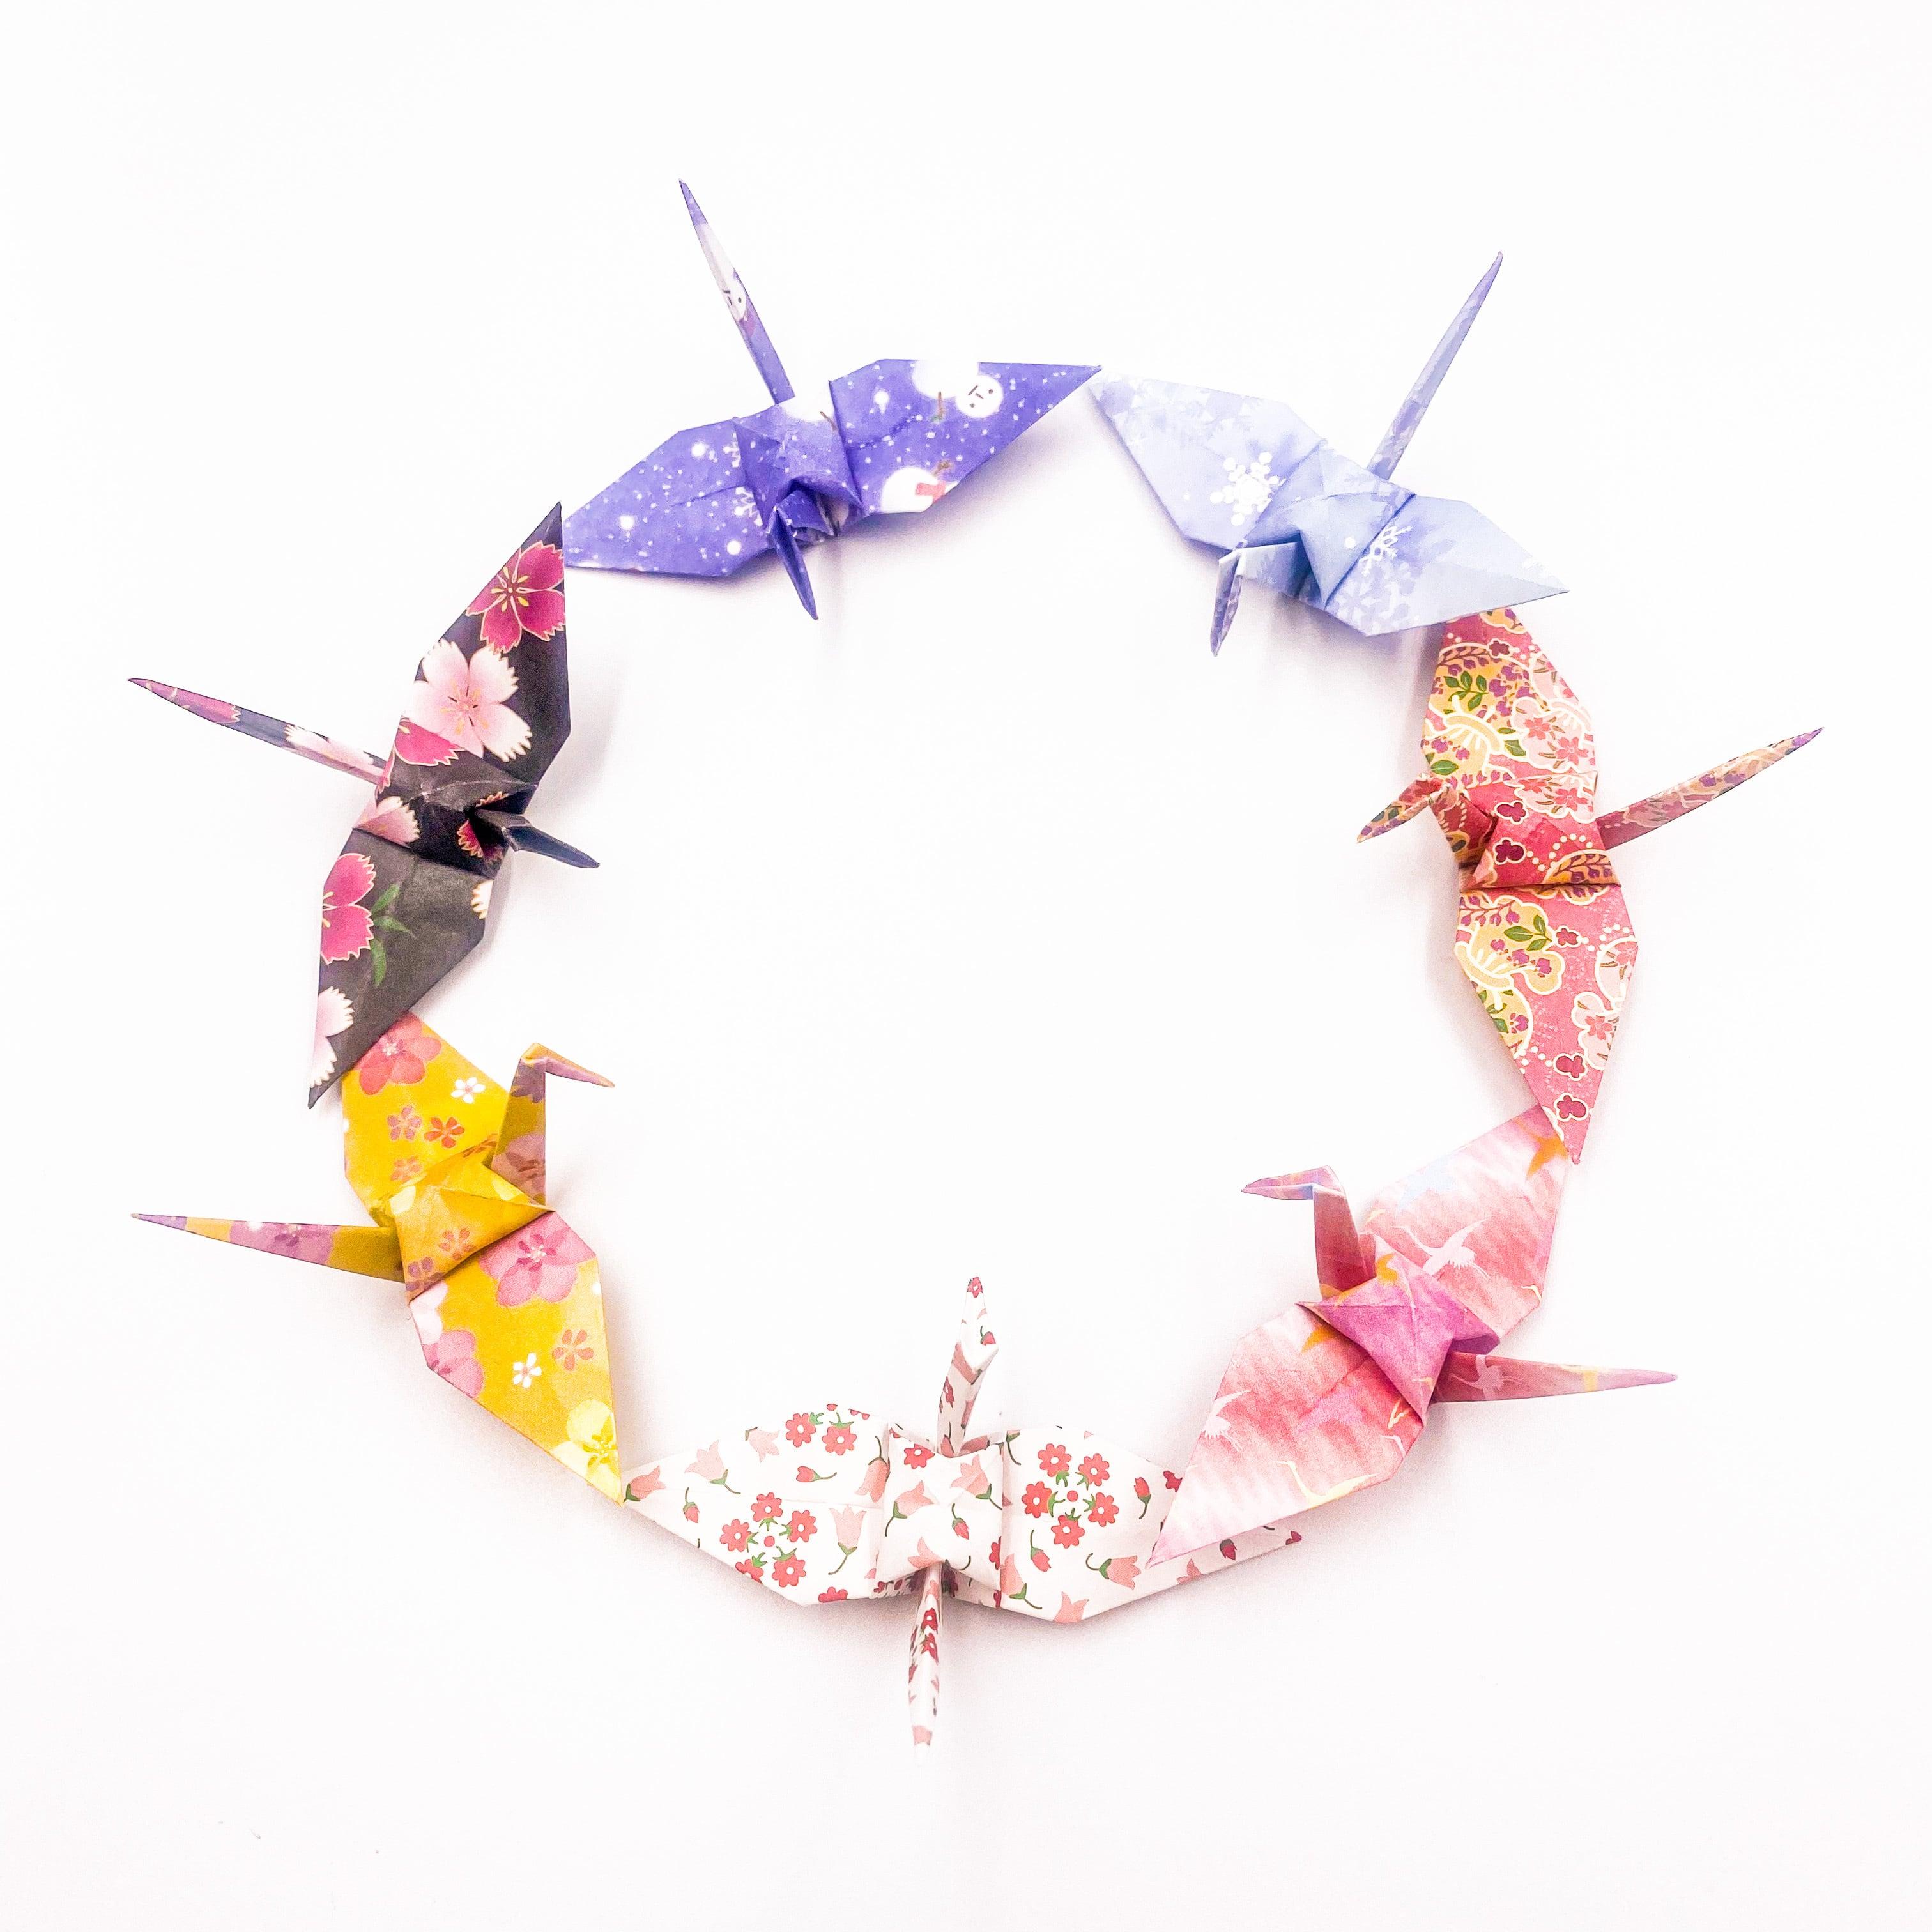 四季折々、皆で囲む100柄の折り鶴(神前式、和装婚折り鶴シャワー演出・和風撮影小物)400羽入り